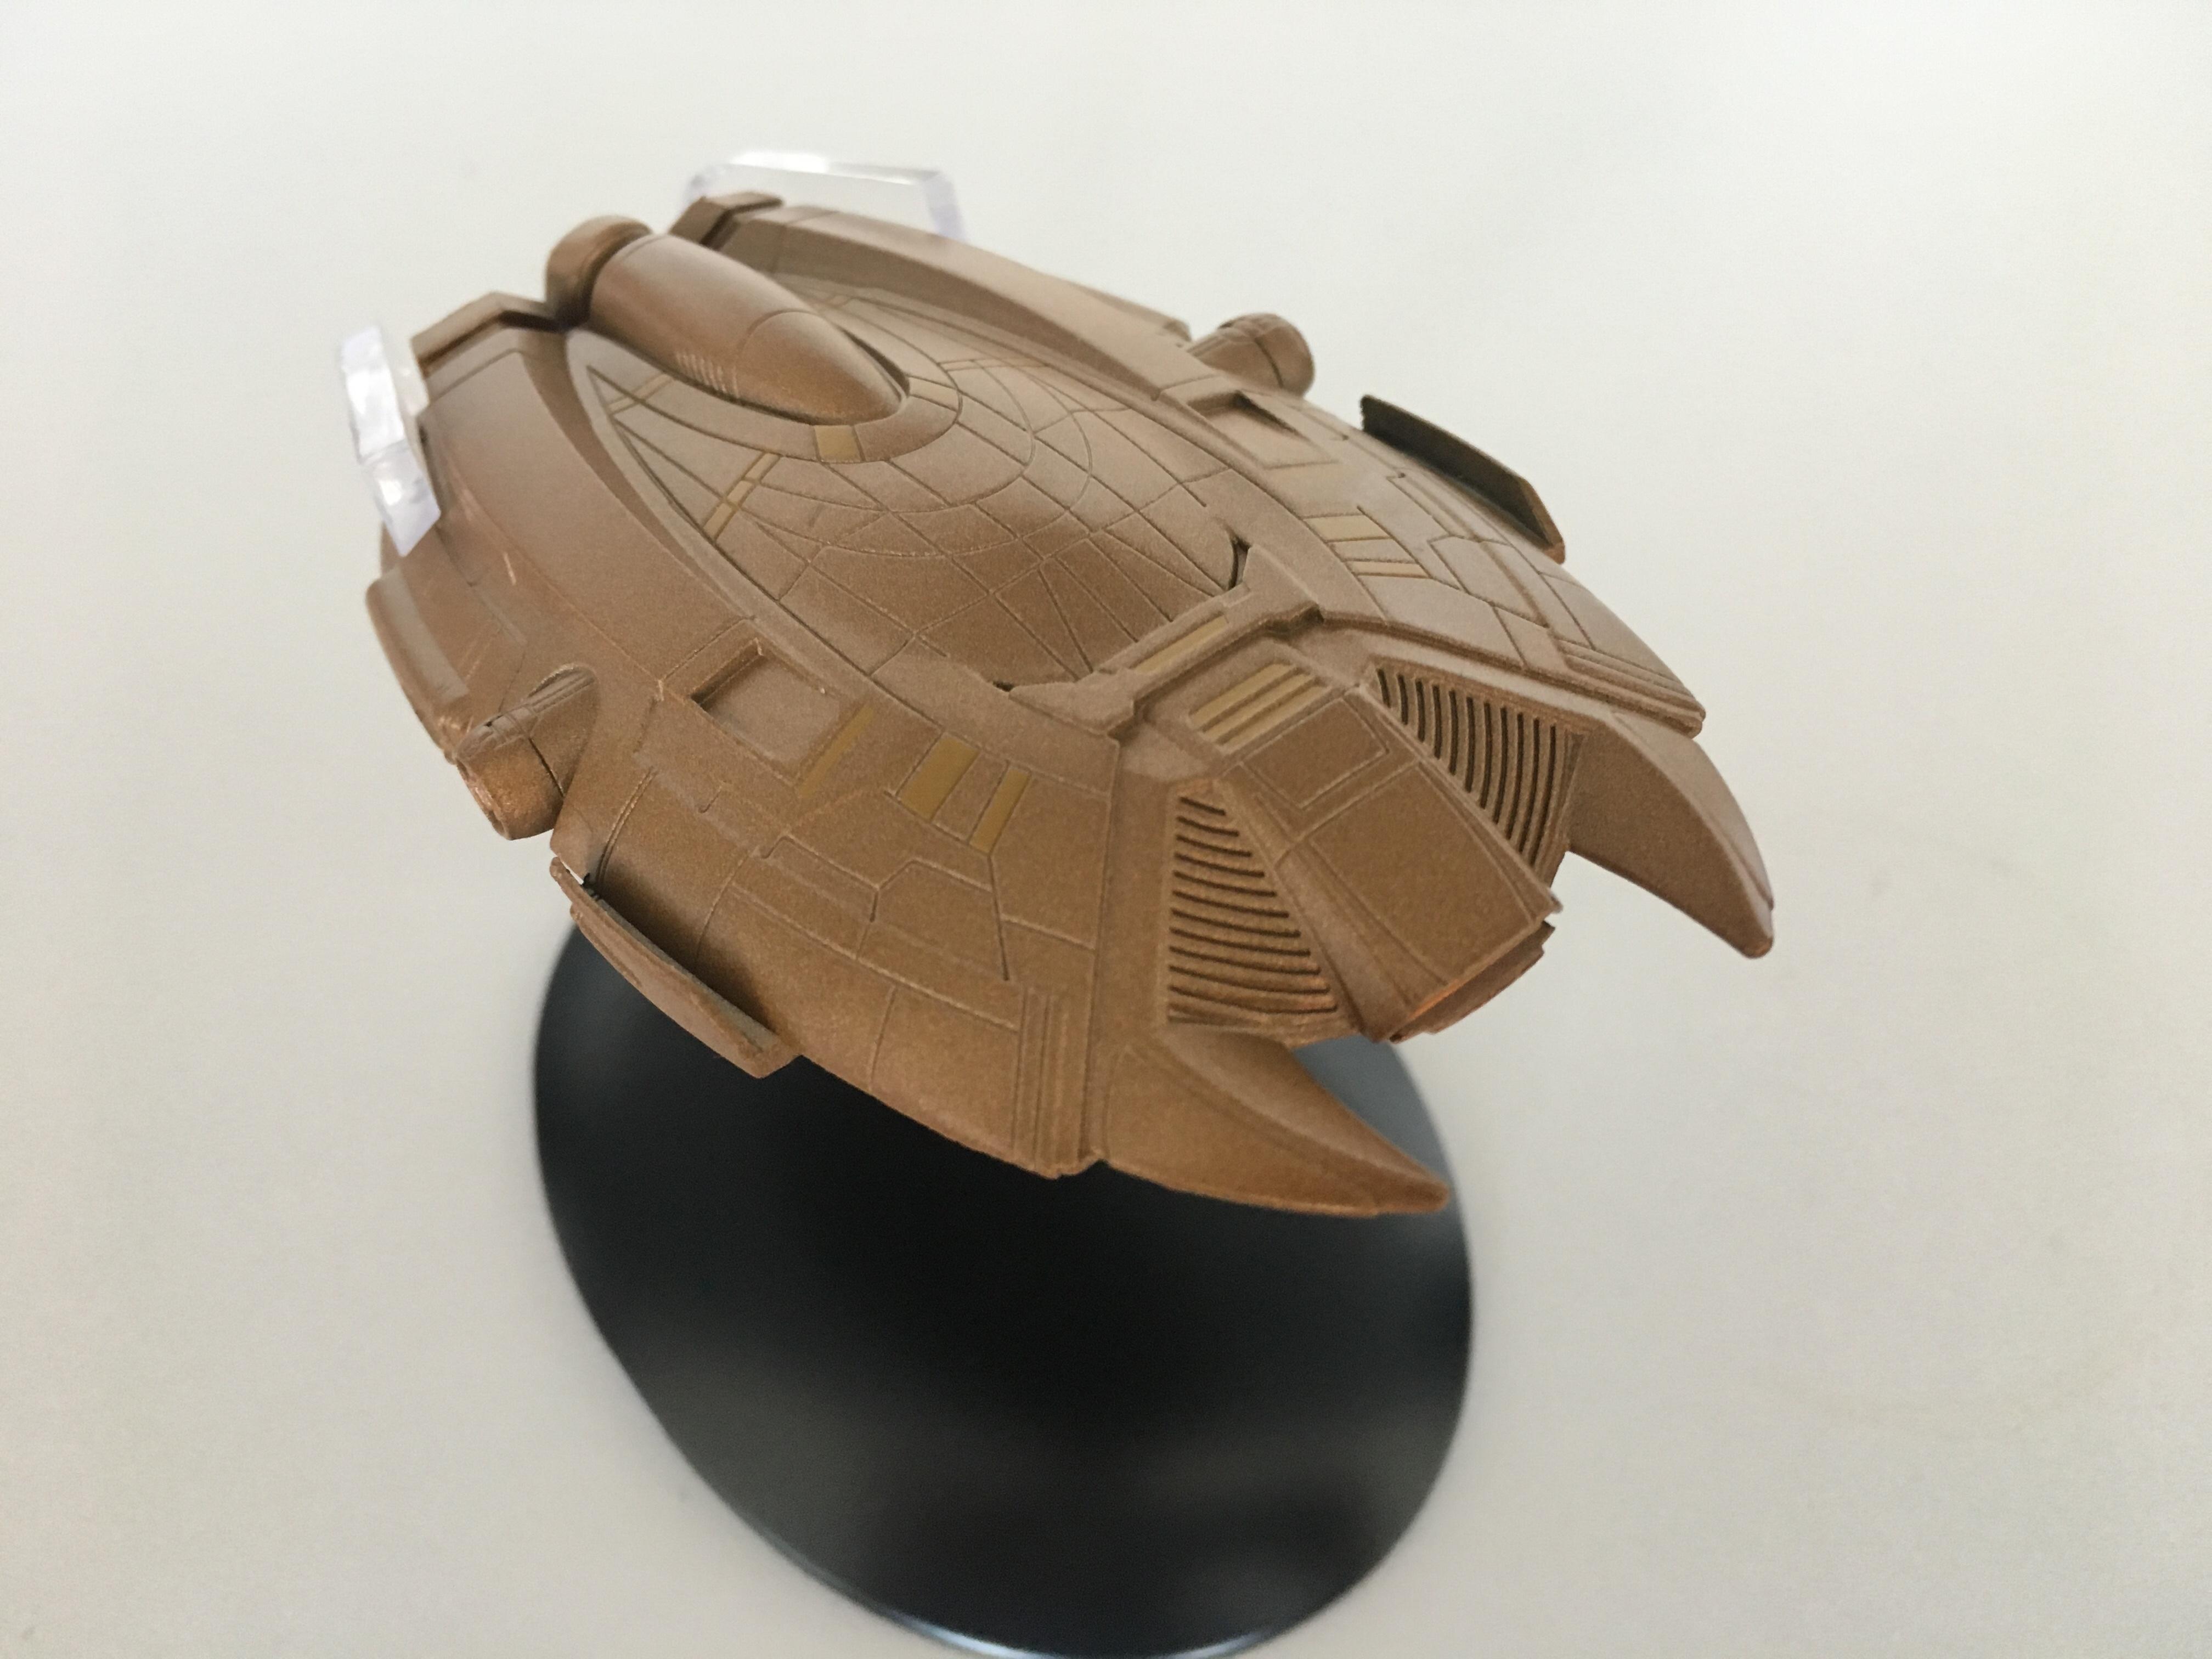 Ferengi-Raumschiff aus dem 22. Jahrhundert (Foto: StarTrek-HD.de)